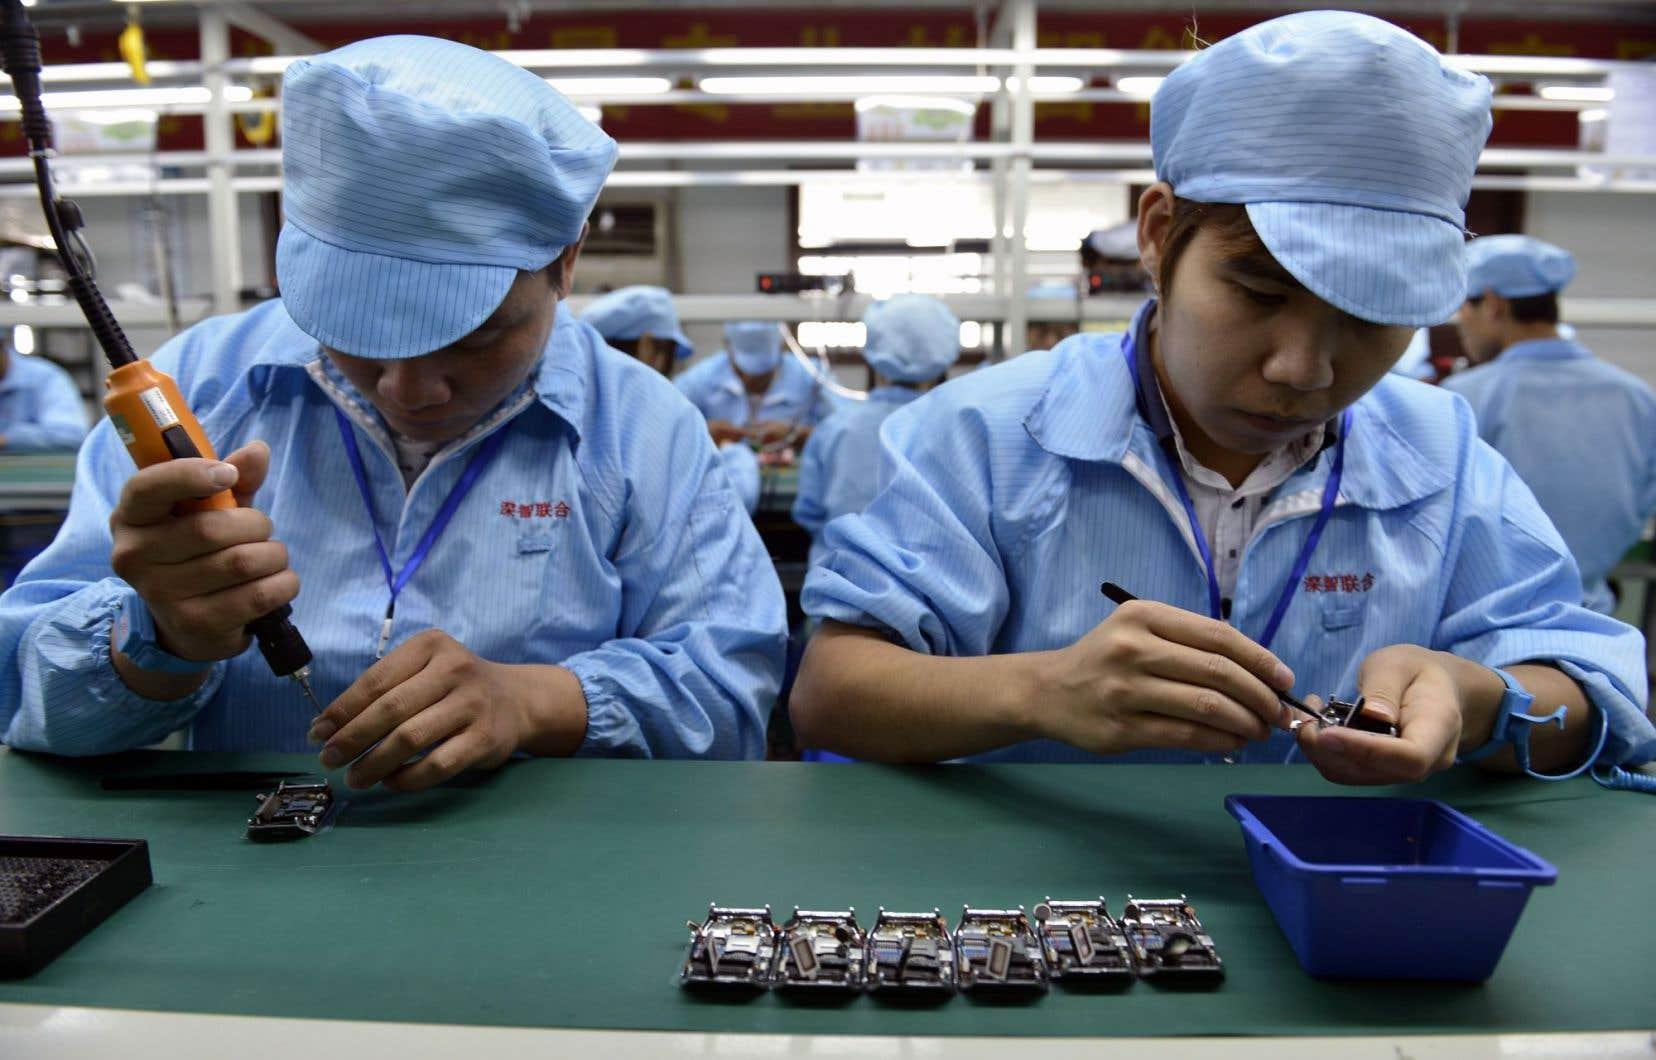 Au rythme où vont les choses, la productivité de la Chine égalera celle du Québec dans moins d'une dizaine d'années.